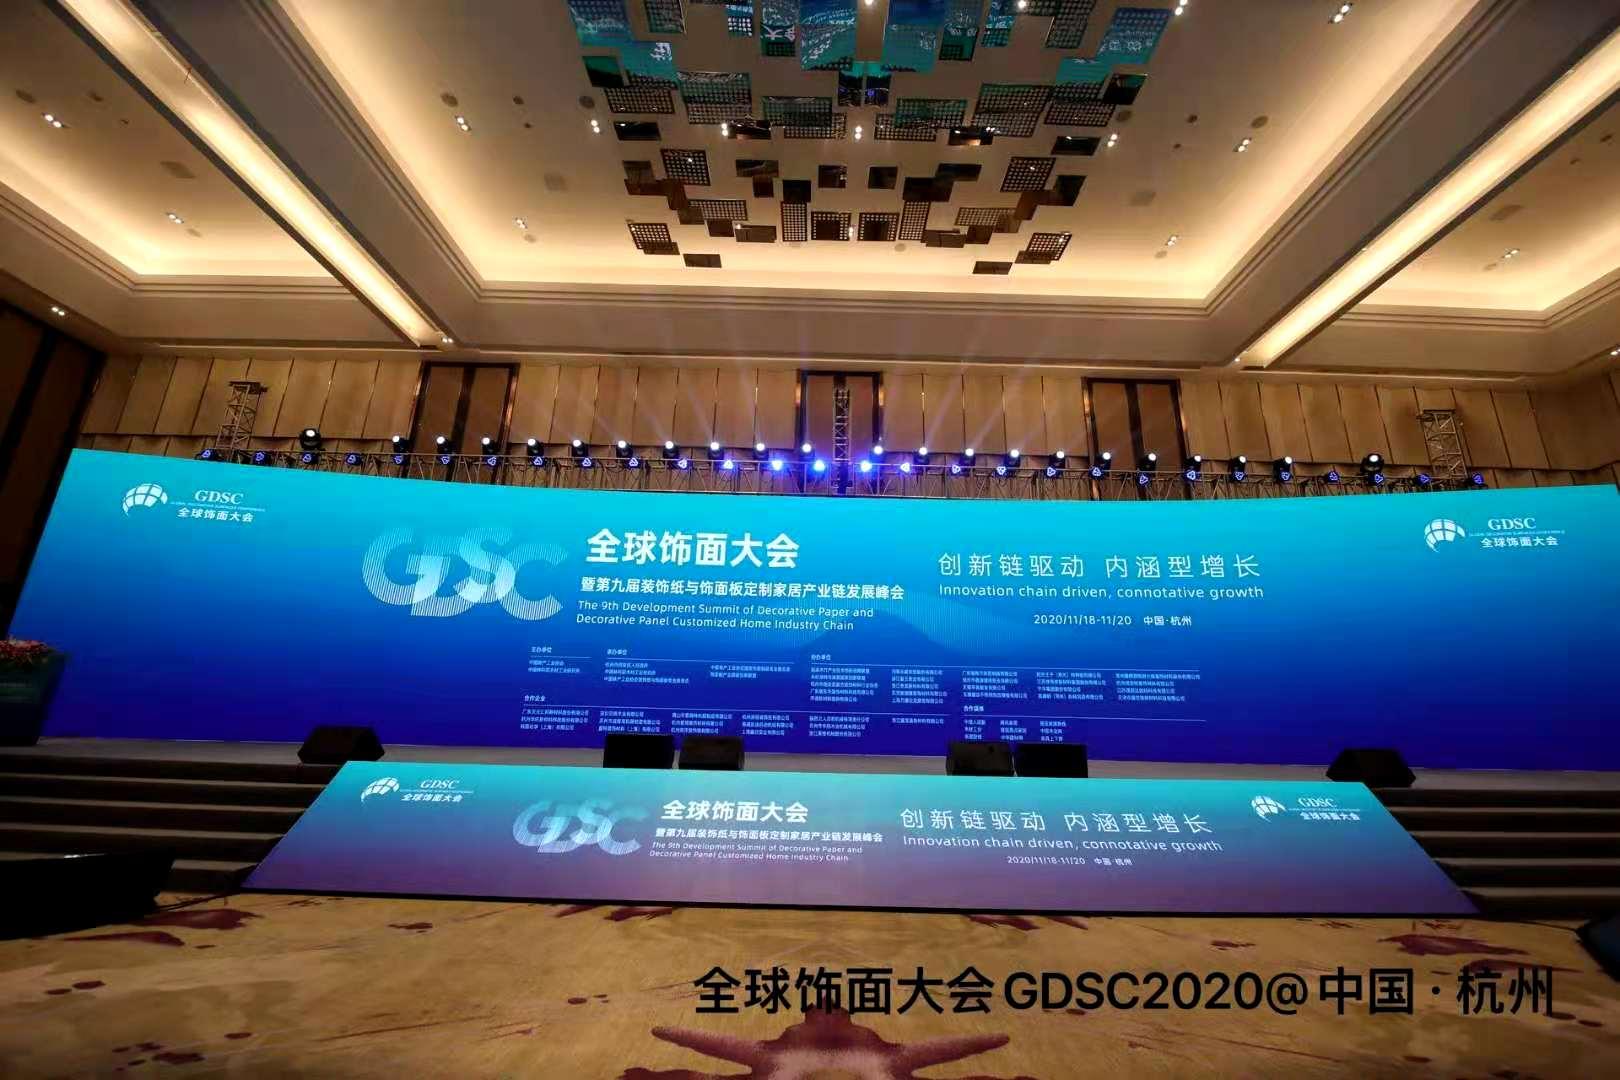 创新链驱动 内涵型增长——全球饰面大会暨第九届装饰纸与饰面板定制家居产业链发展峰会在杭州隆重召开